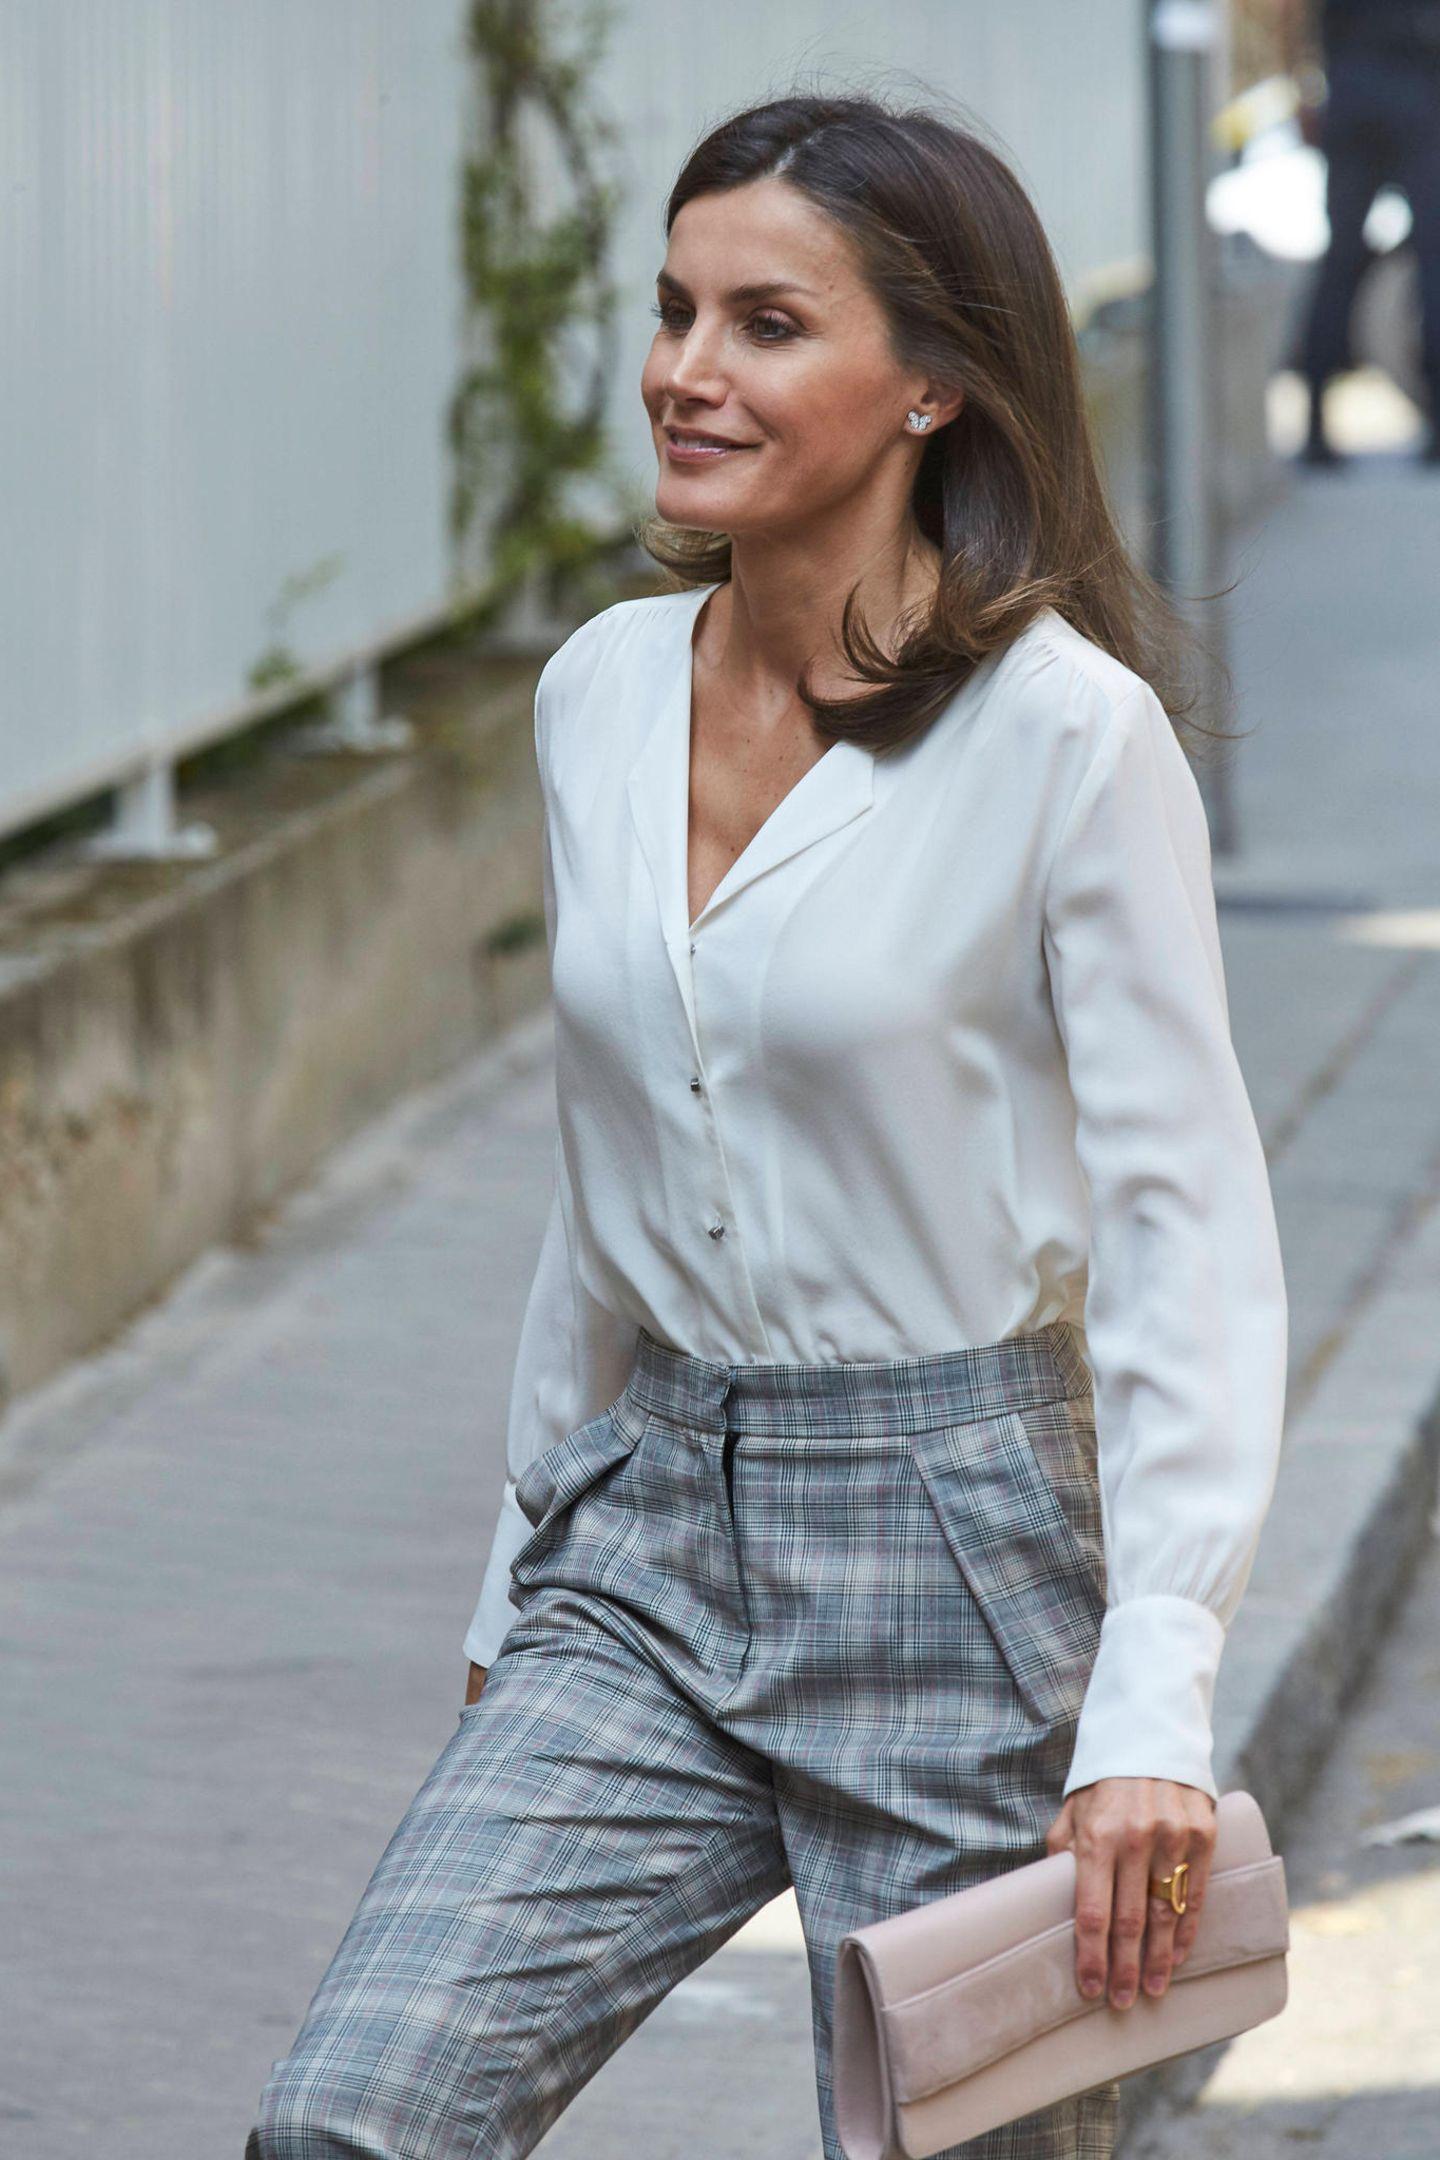 Königin Von Spanien